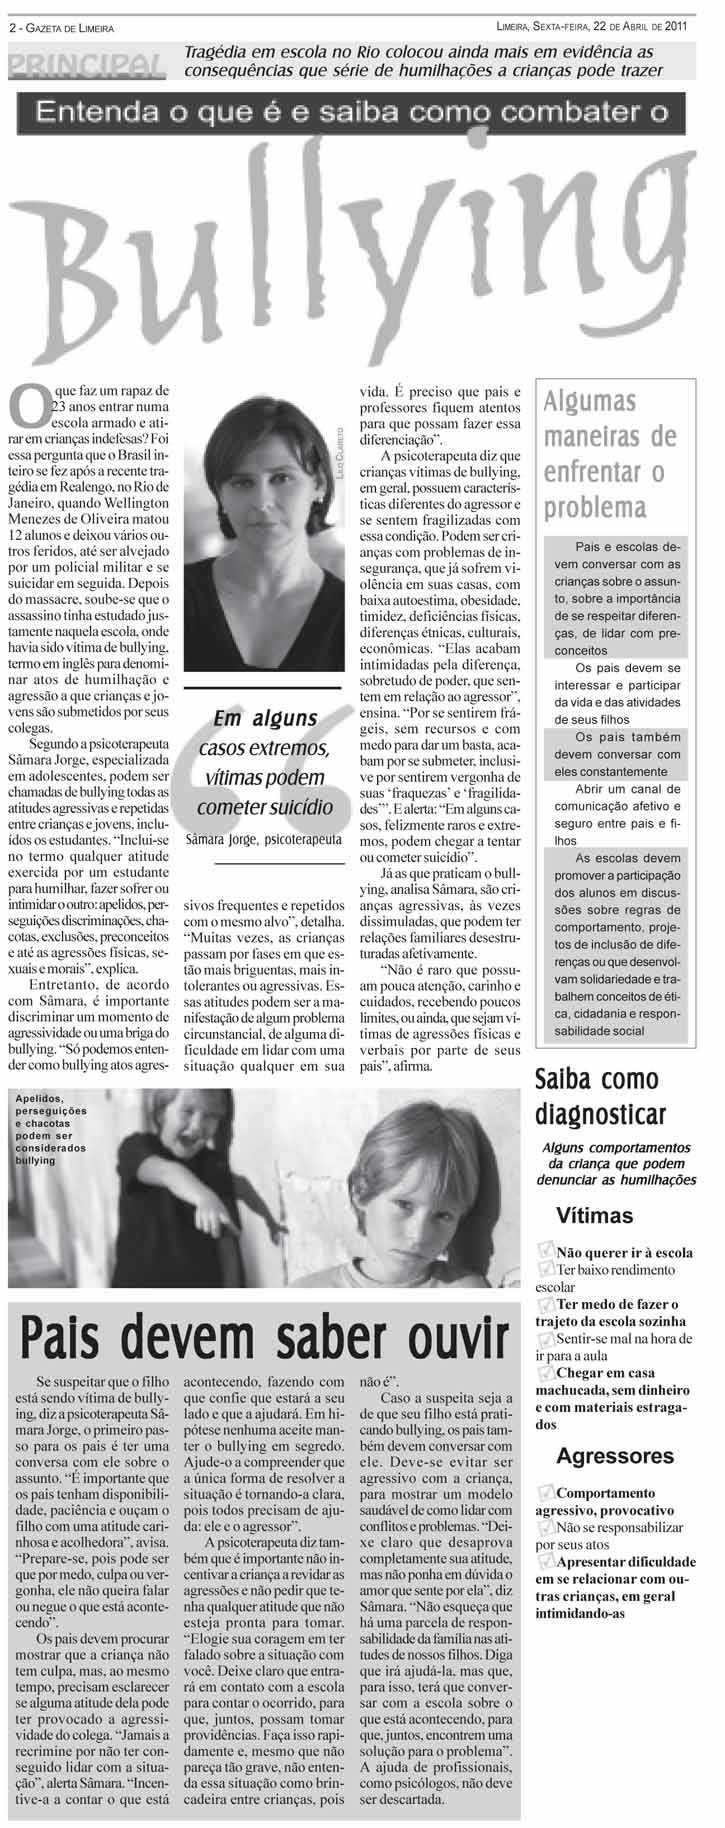 gazeta_de_limeira.jpg